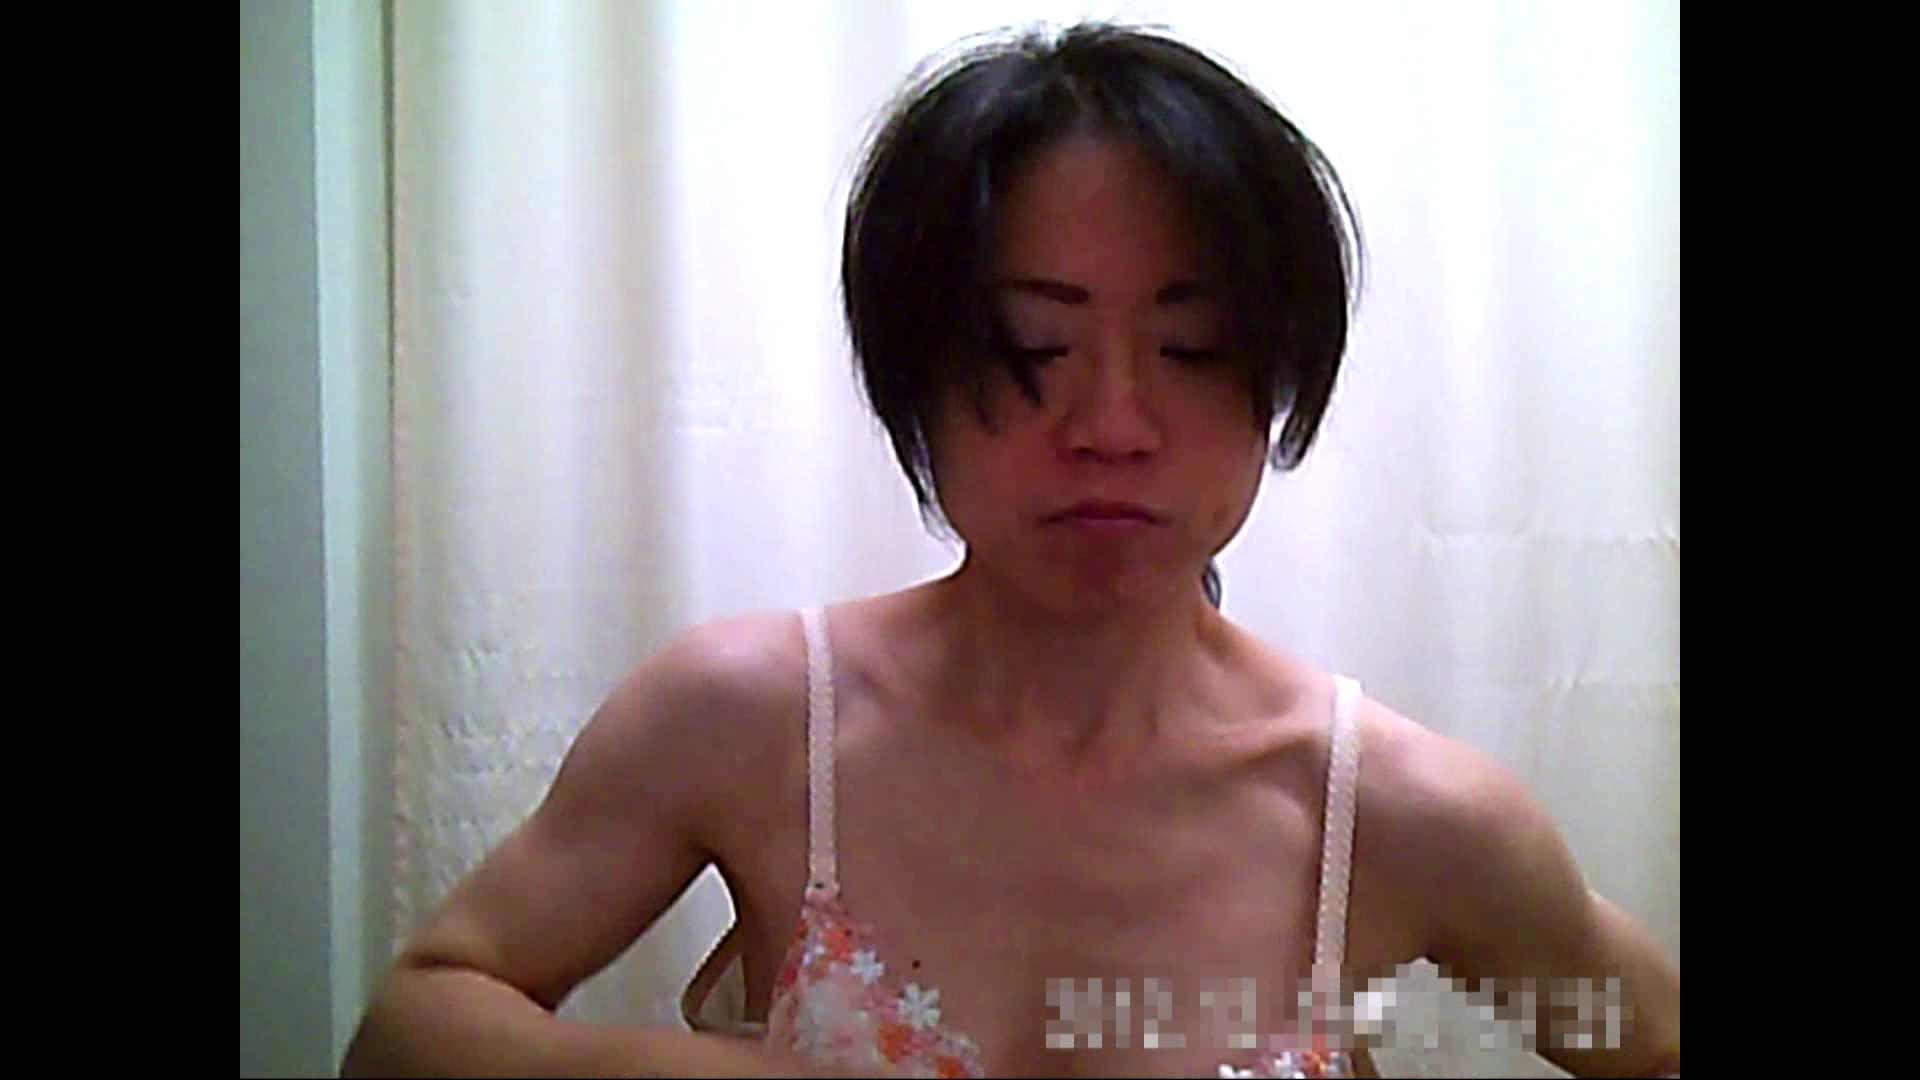 元医者による反抗 更衣室地獄絵巻 vol.117 OL  102pic 3